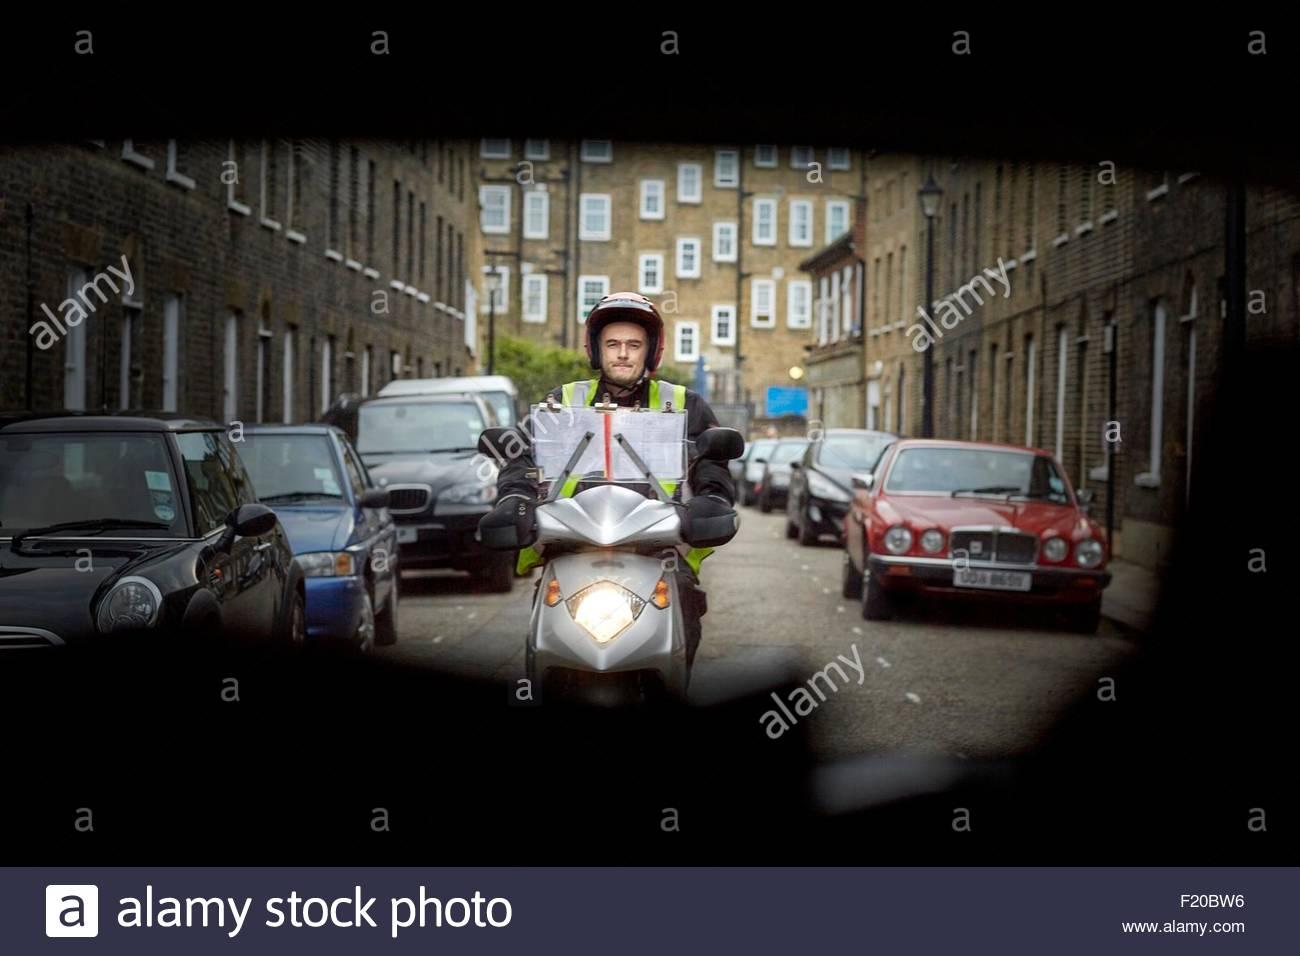 Motorroller-Fahrer auf Street in London, gesehen vom Fahrzeug Stockbild